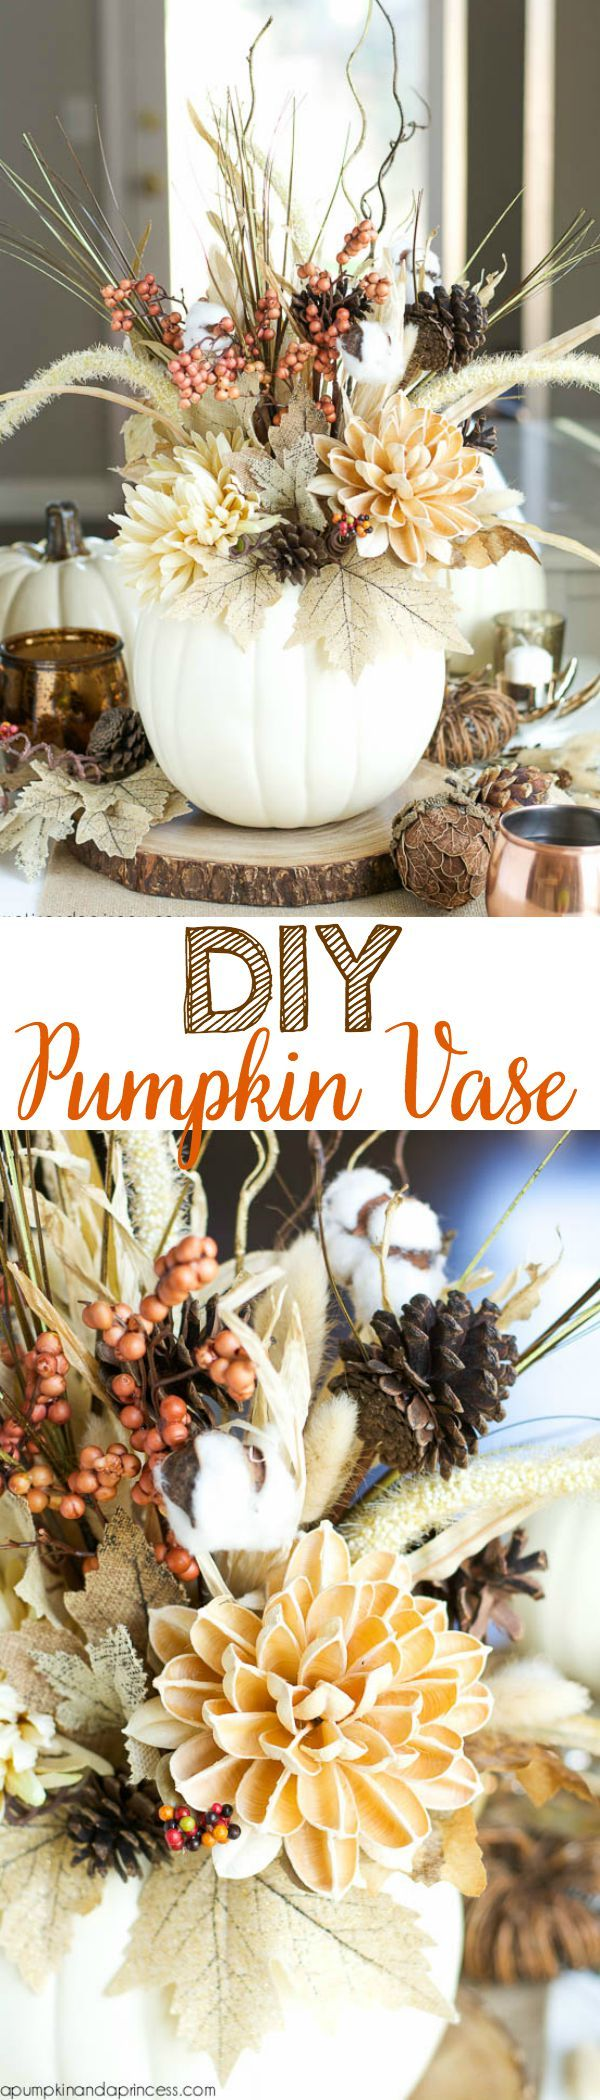 15 Easy Fall Crafts u2013 DIY Home